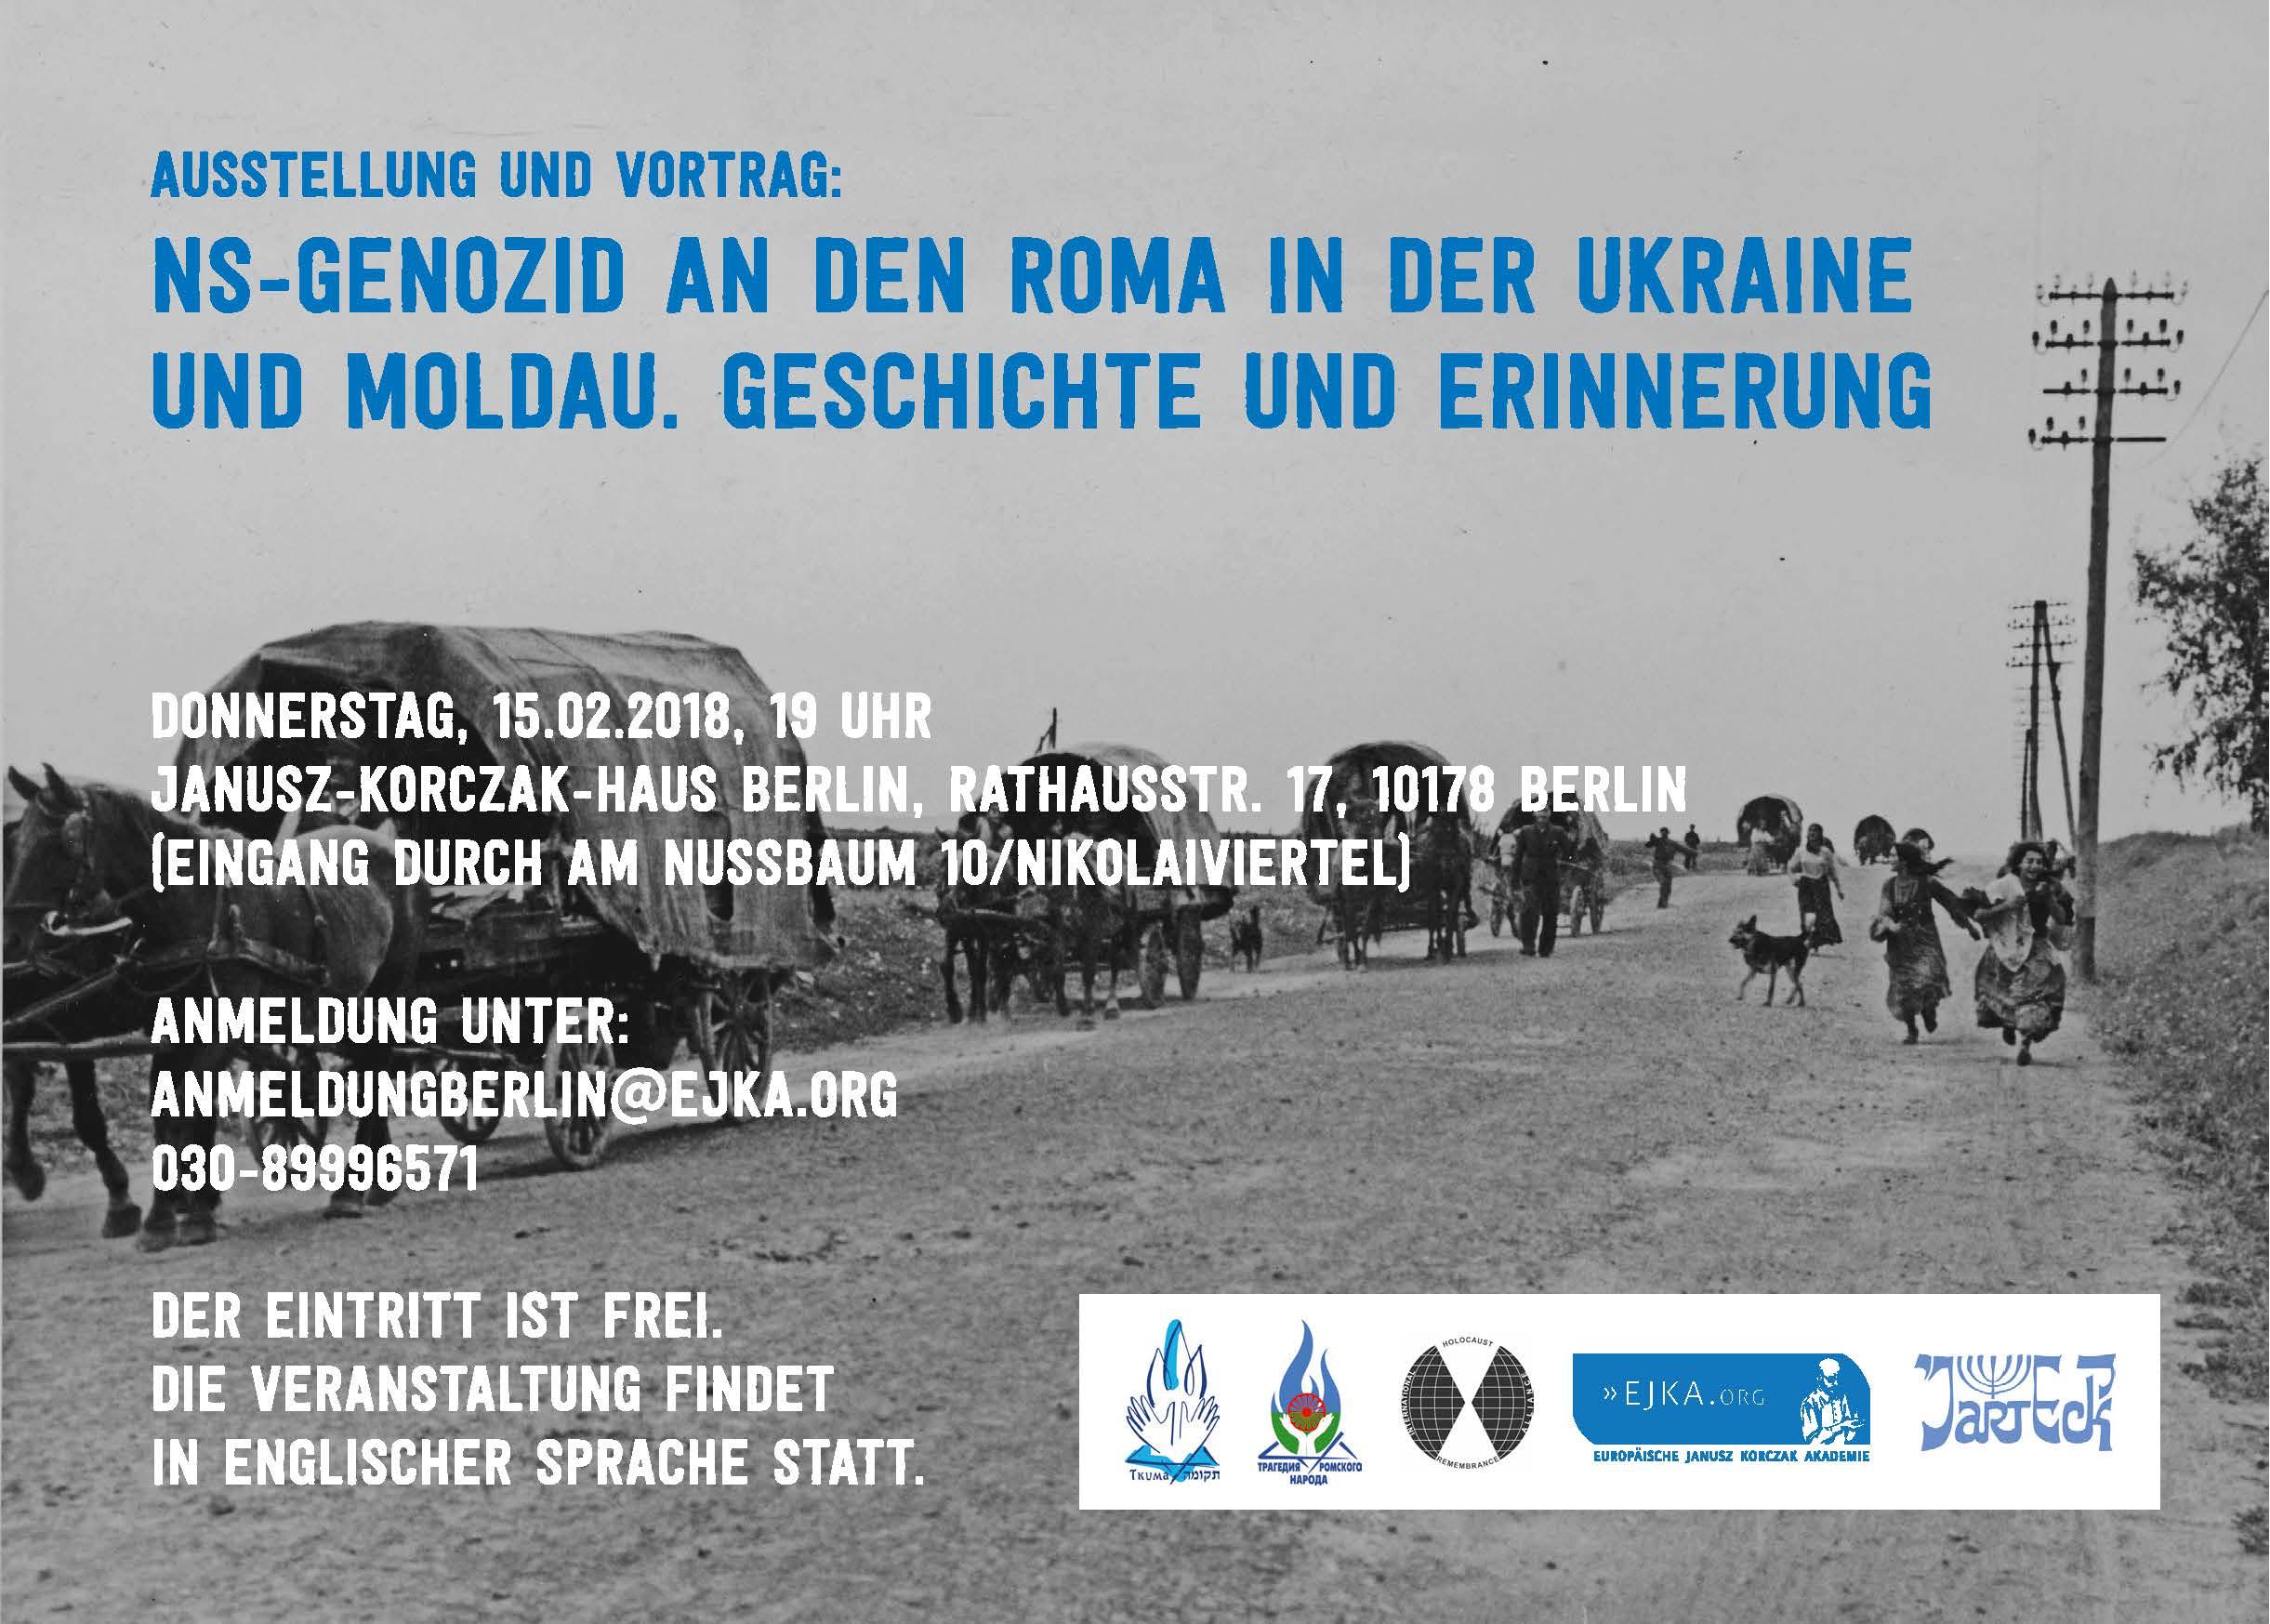 """Співробітники Інституту """"Ткума"""" презентуватимуть у Німеччині виставку з історії геноциду ромів"""